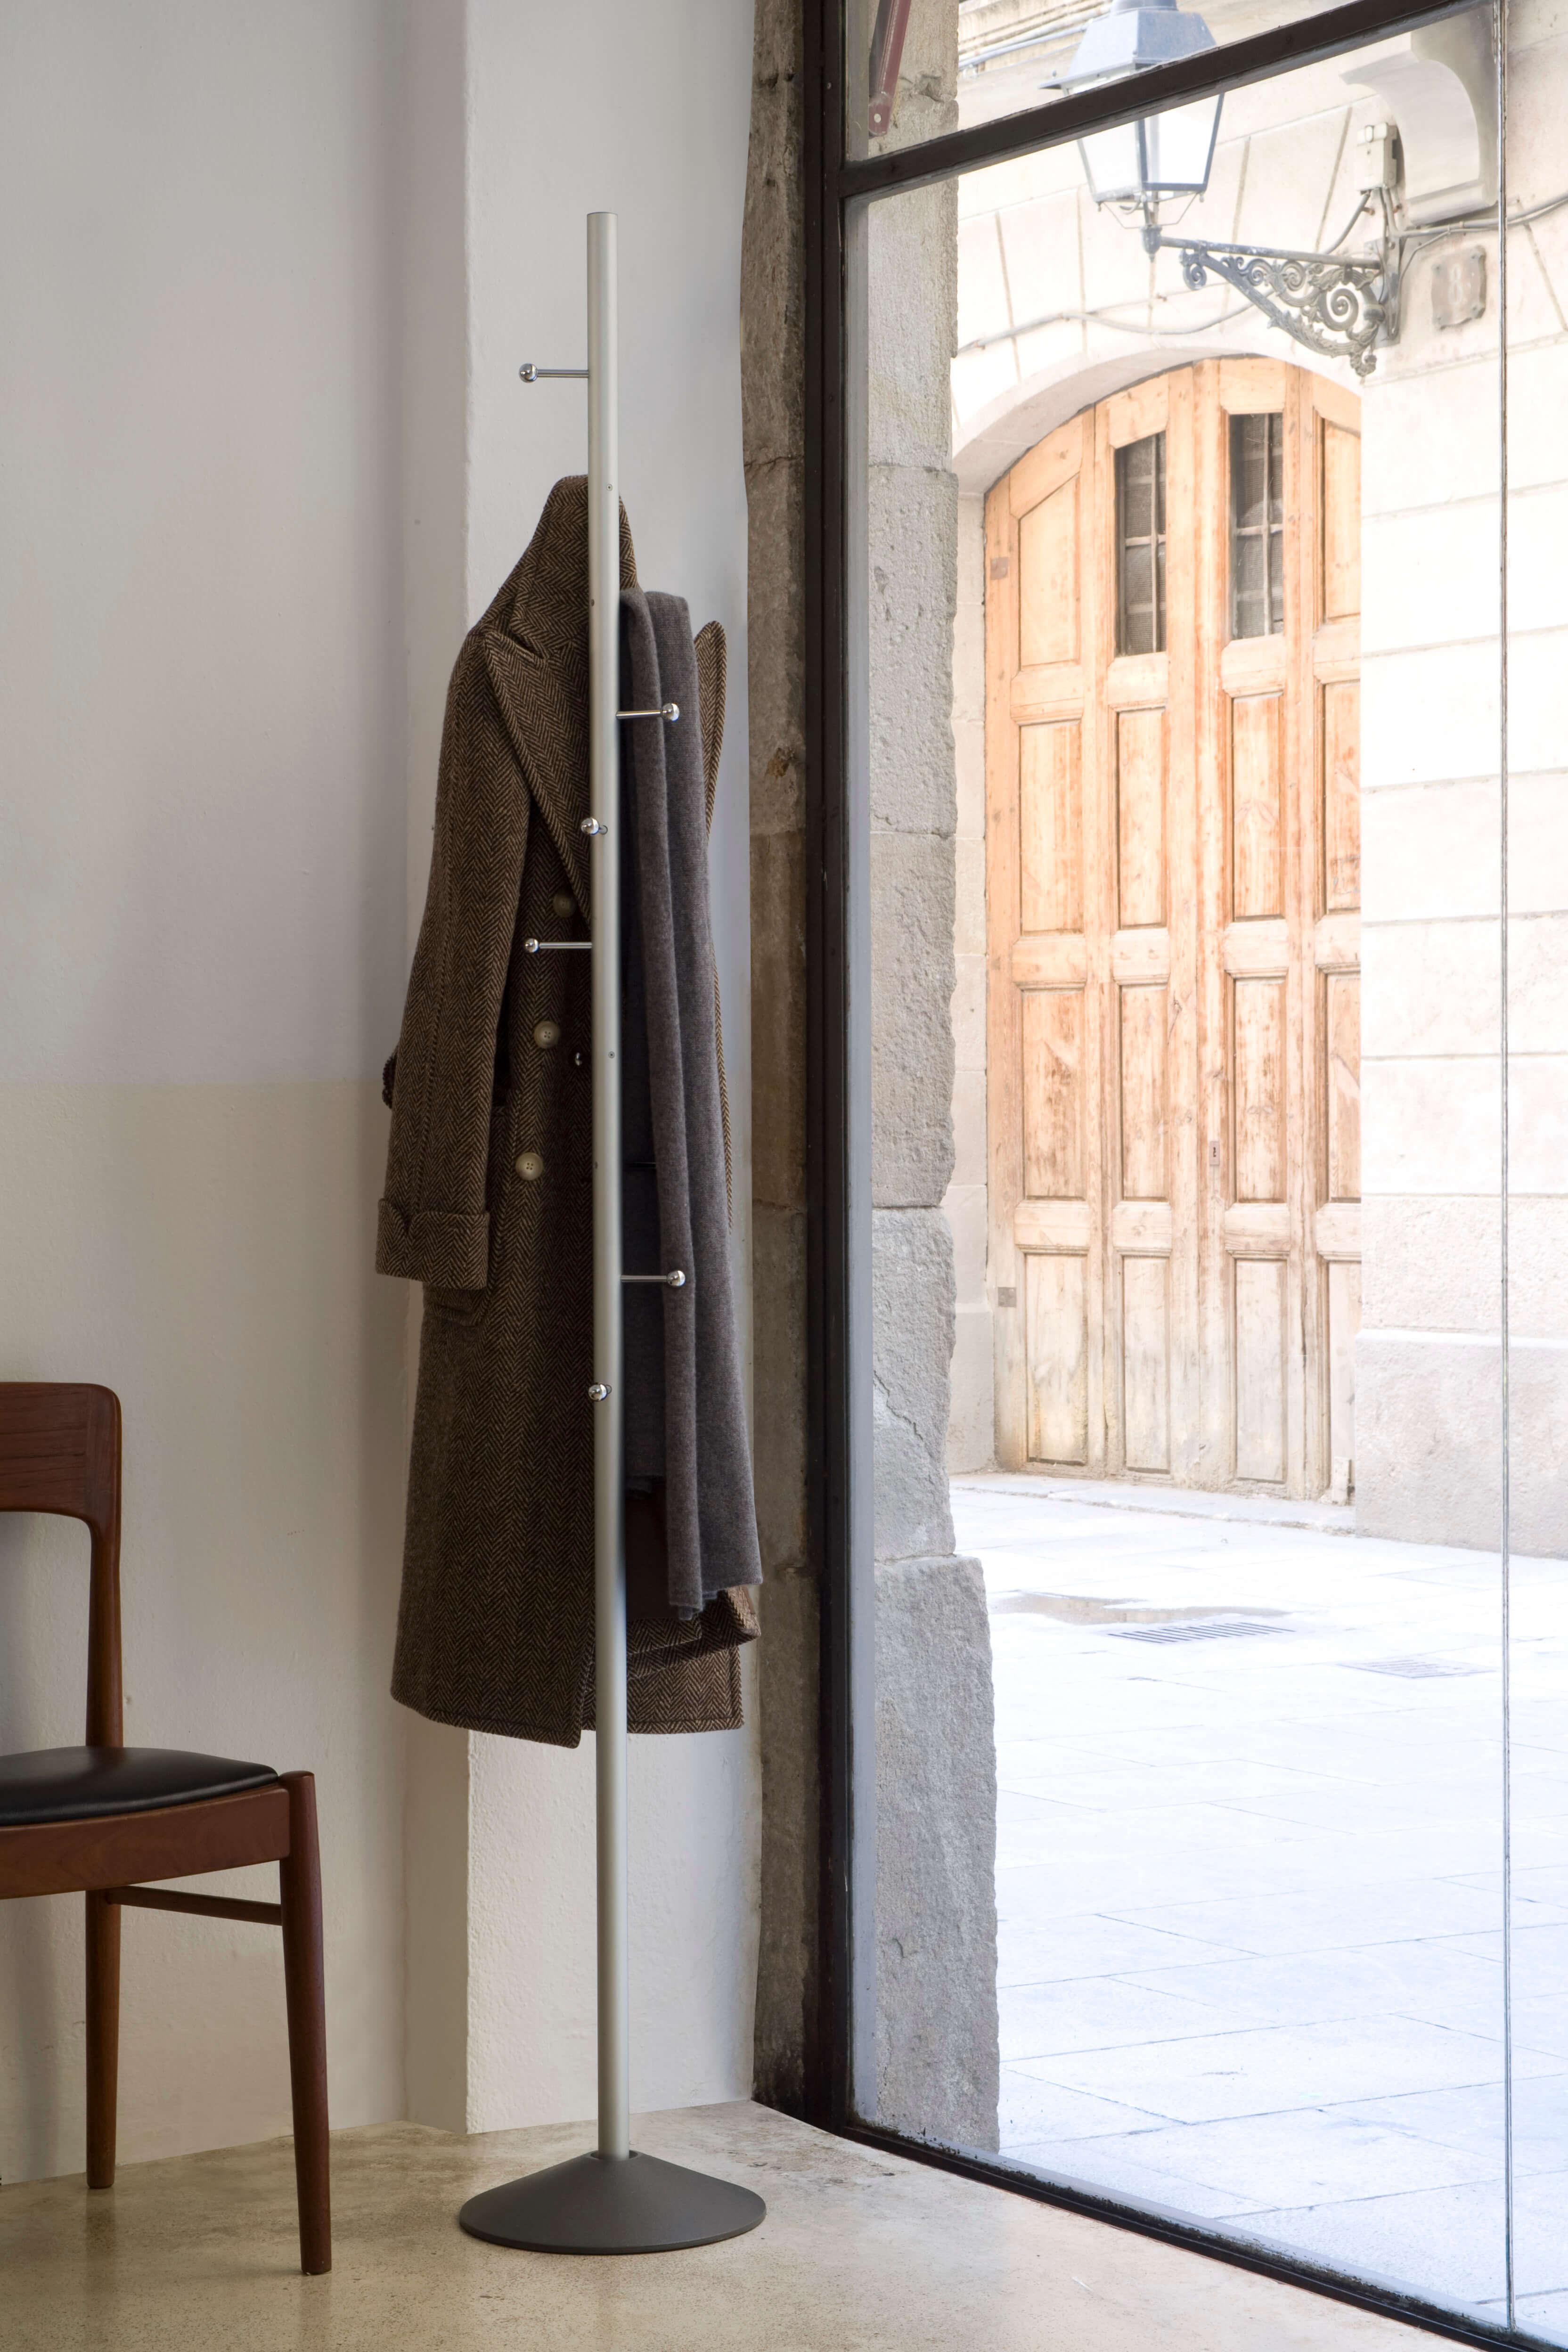 Perchero mirac mobles 114 ebanite interiorismo y dise o for Mobles 114